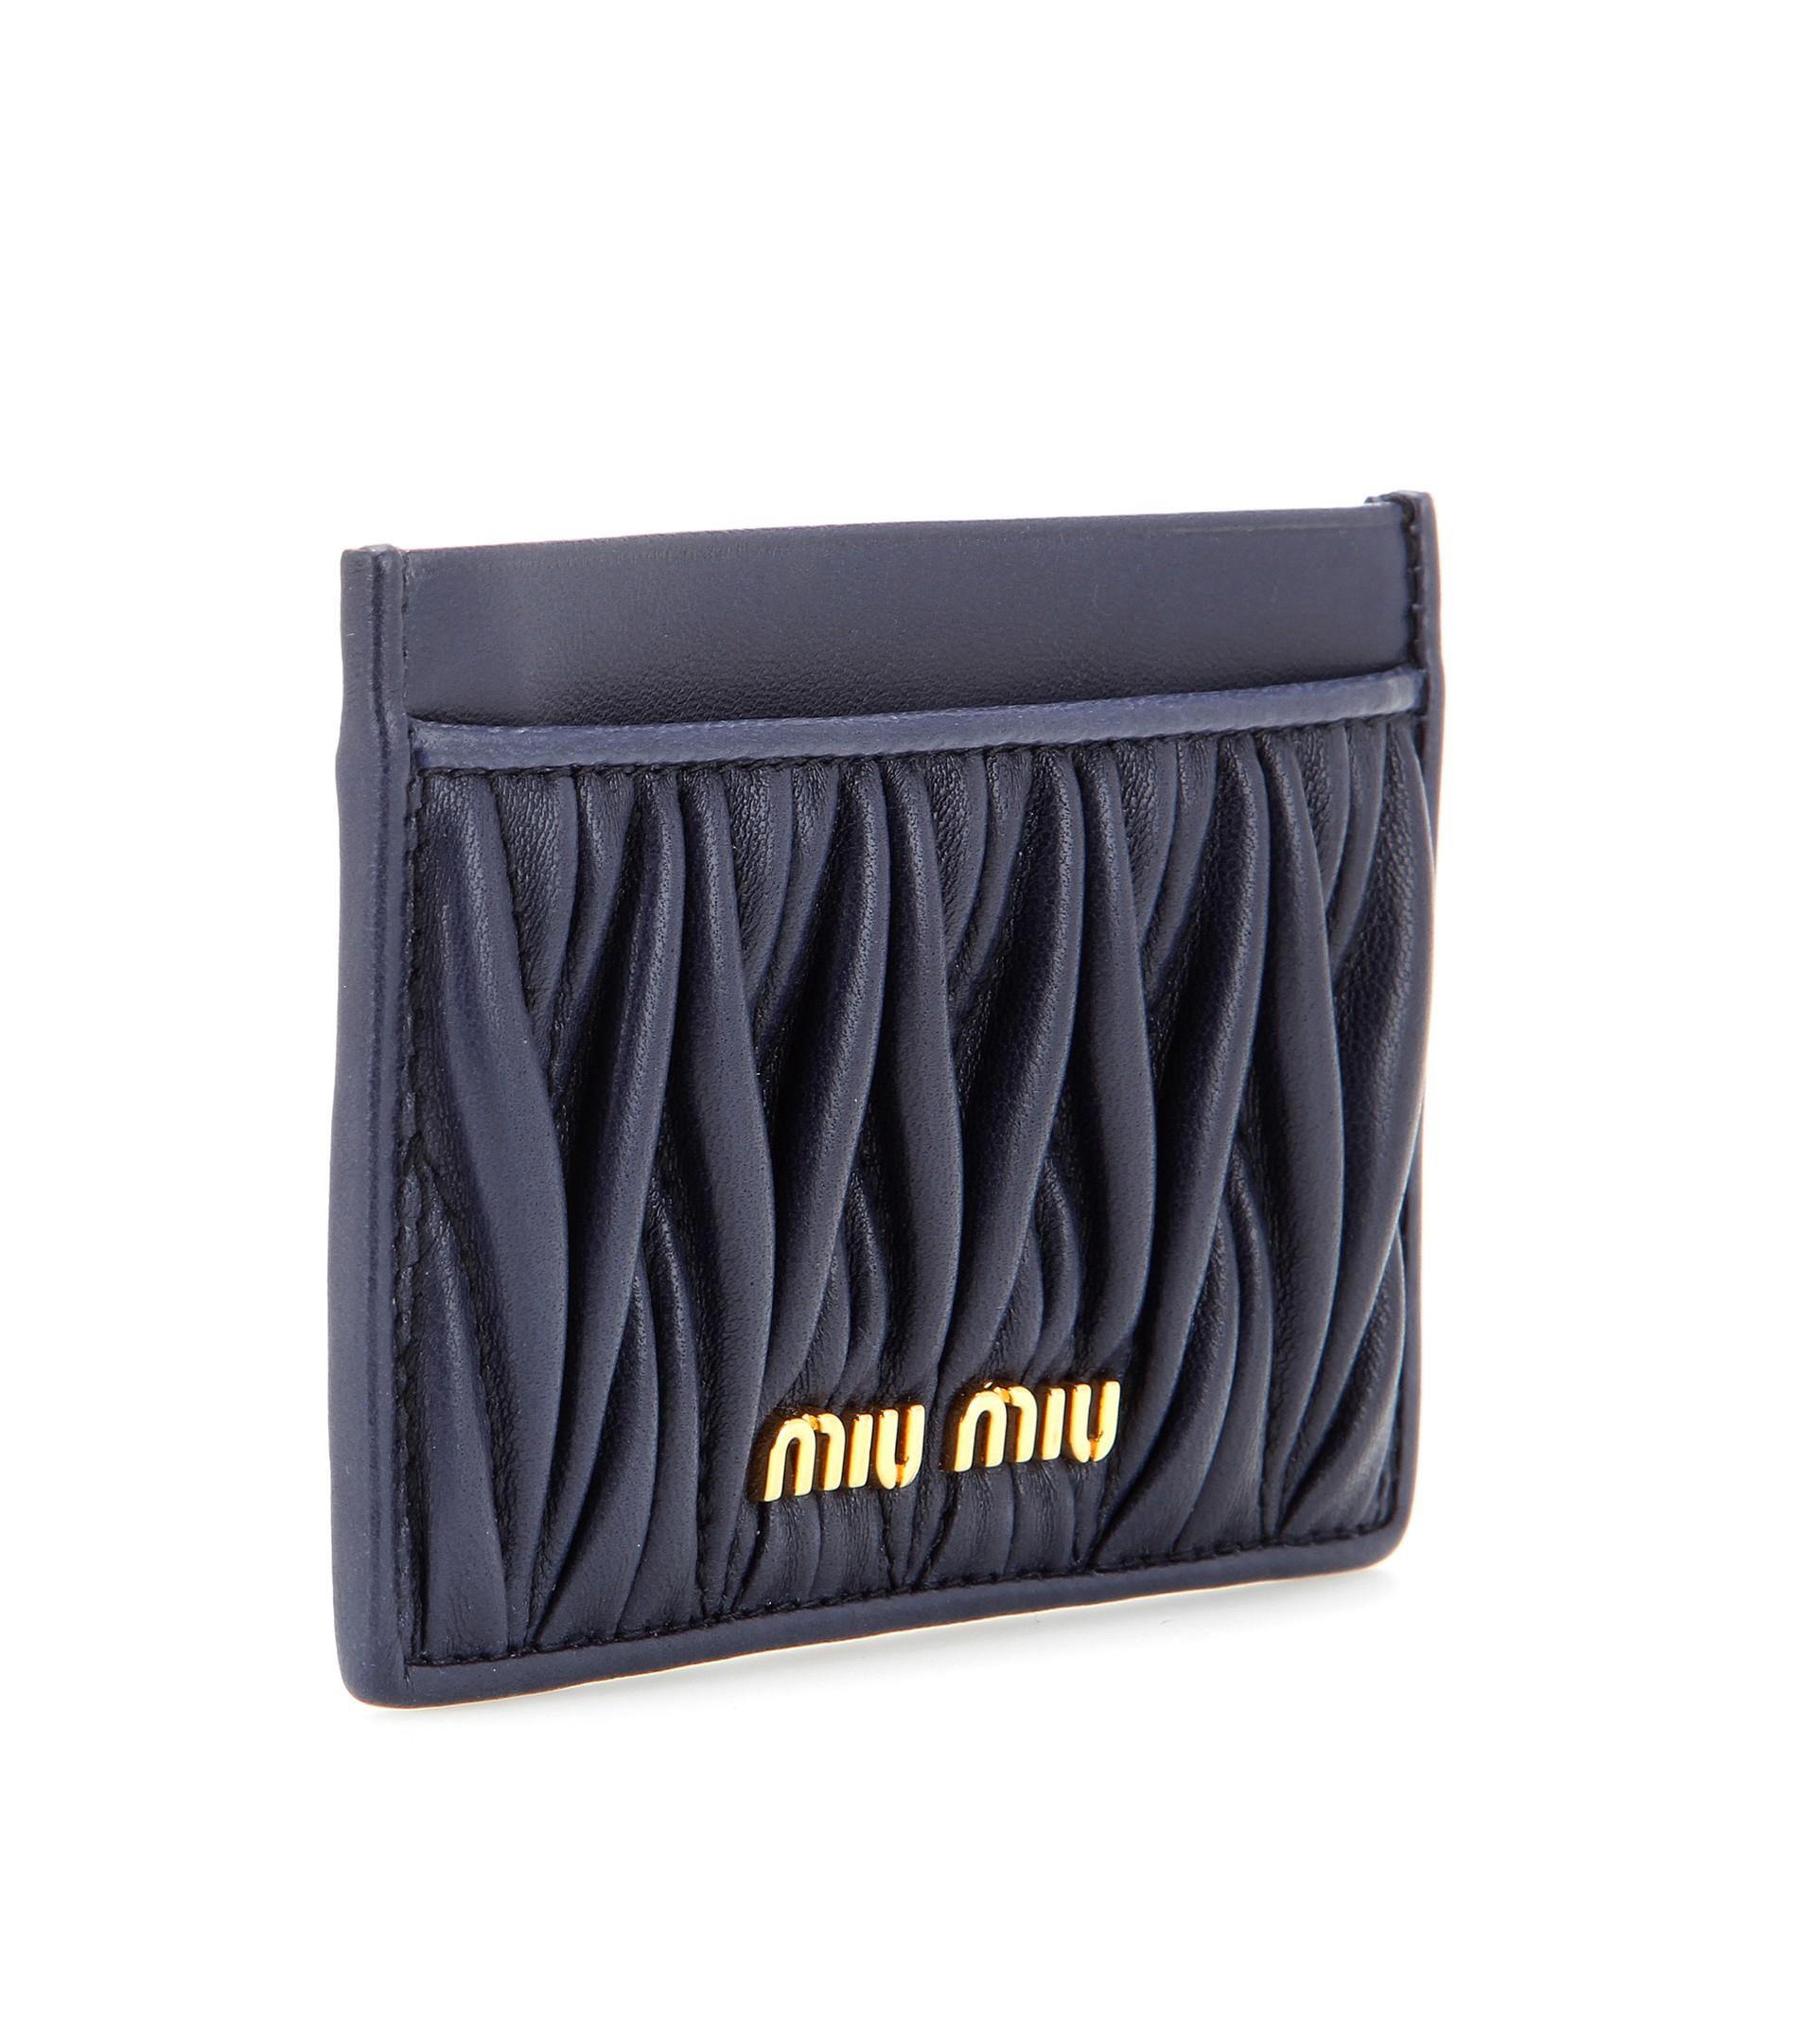 Lyst - Miu Miu Matelassé Leather Card Holder in Black 2295d557074bb